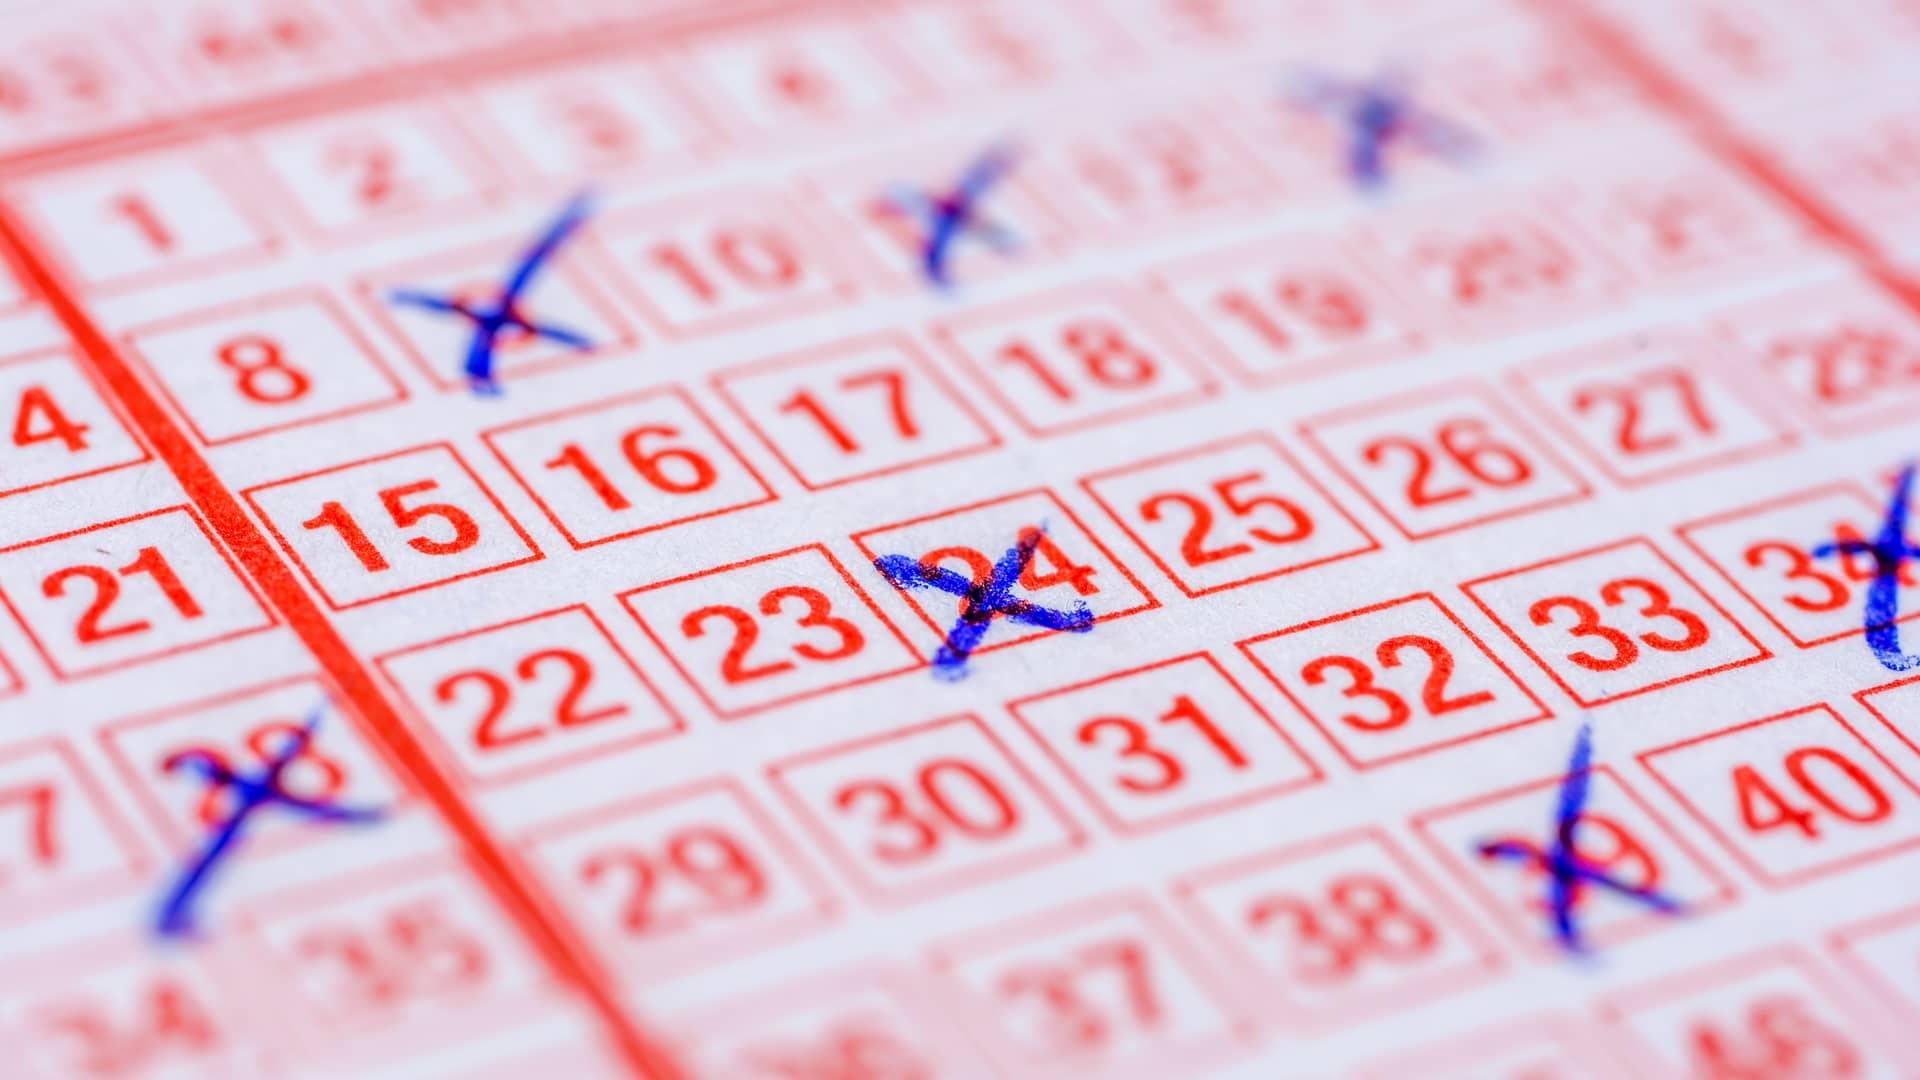 Impuesto de loterías: premios, cantidad y cómo declarar